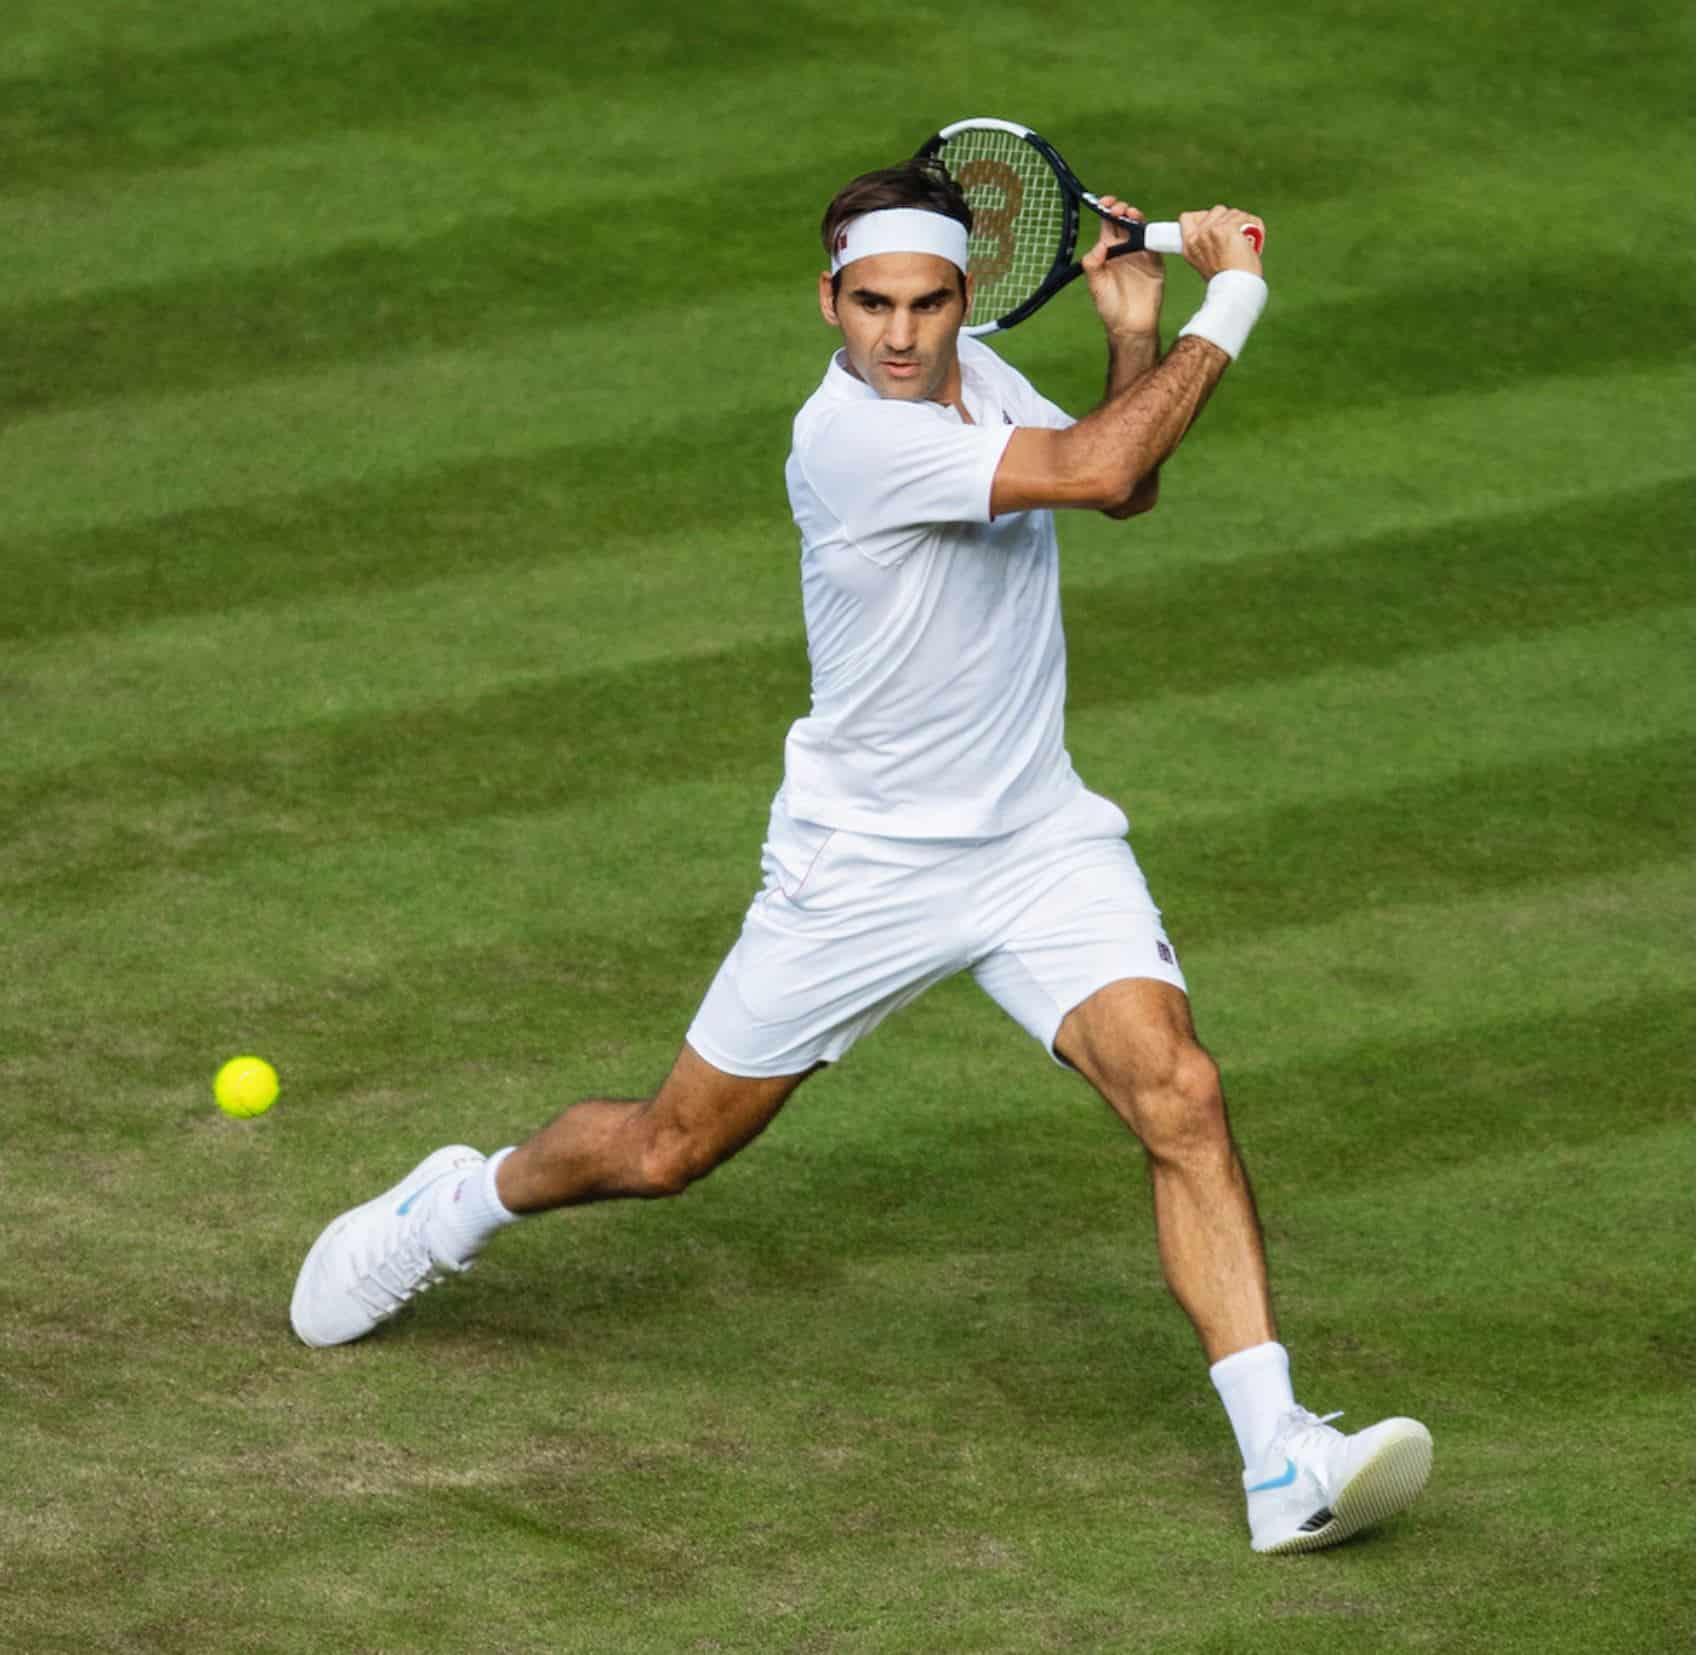 Roger Federer auf seinem Lieblingsuntergrund Rasen